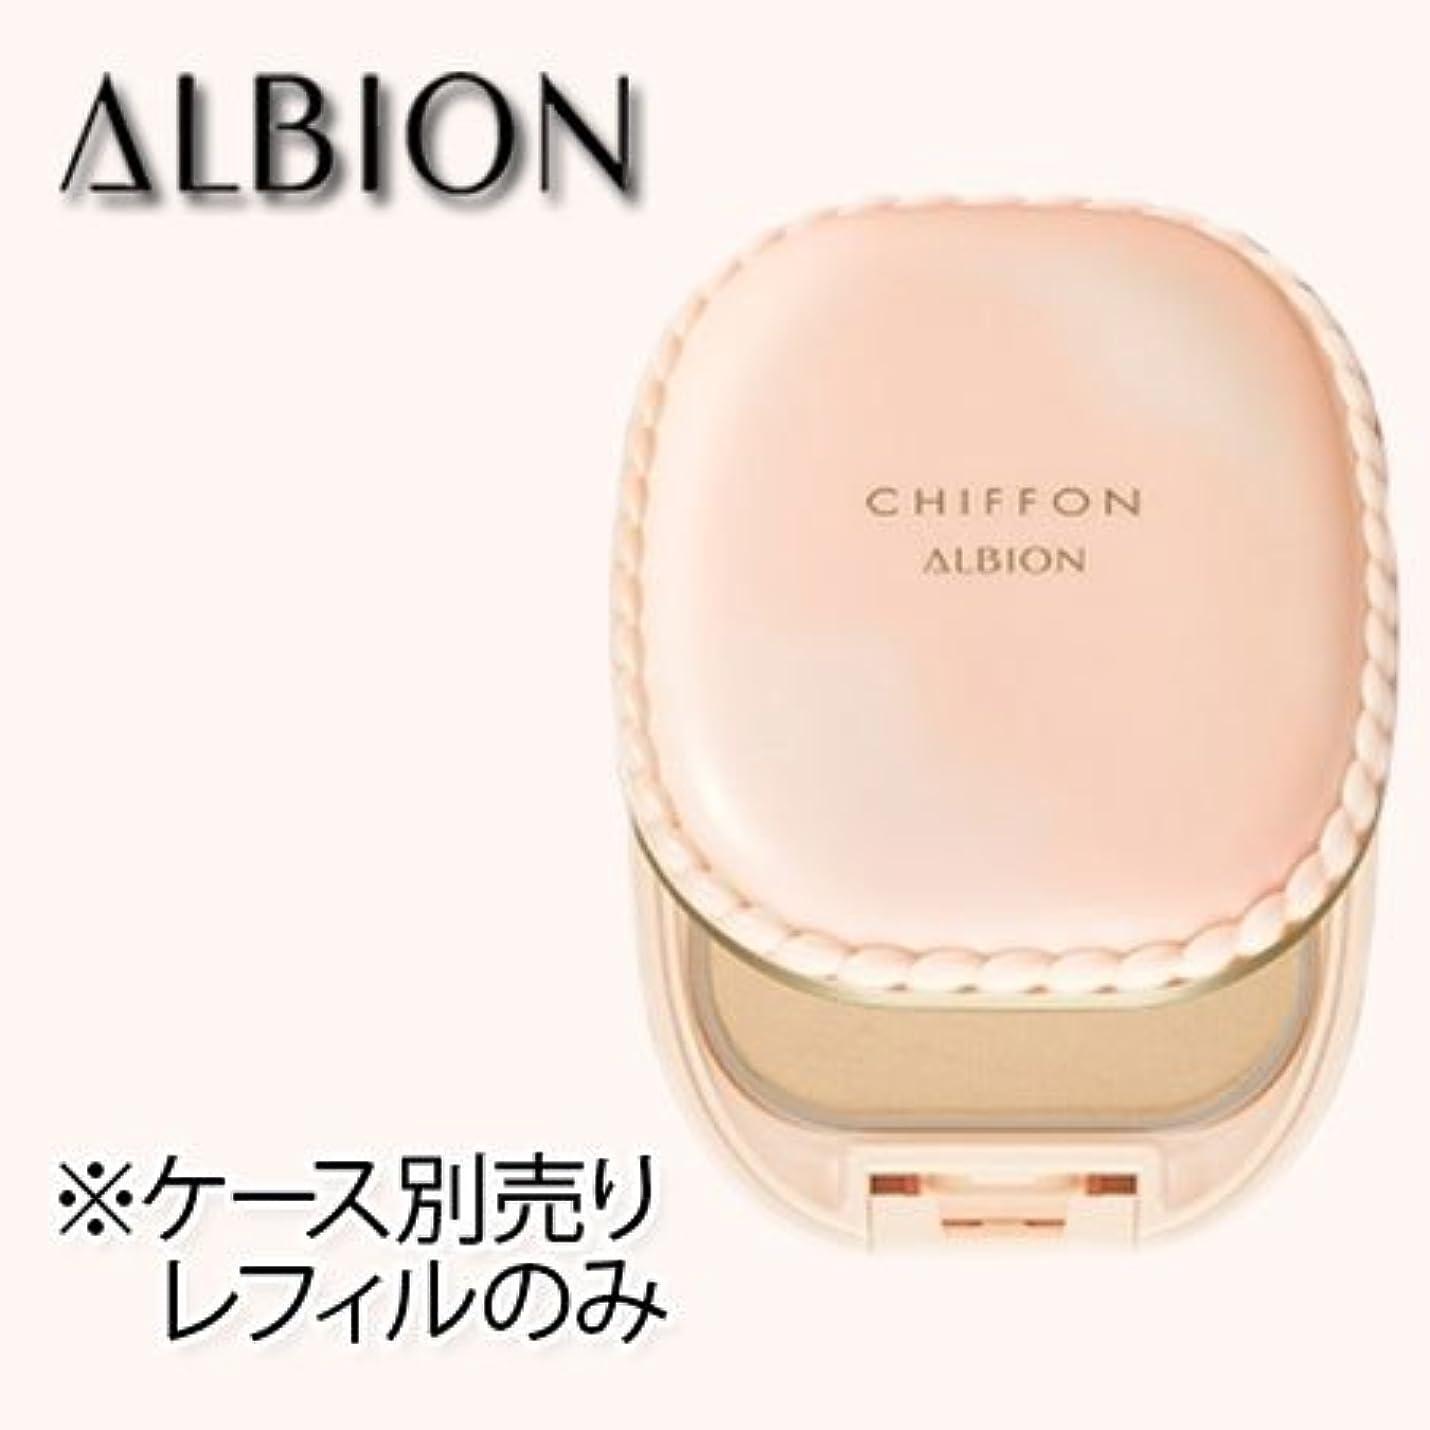 トロリーバス劣る出発アルビオン スウィート モイスチュア シフォン (レフィル) 10g 6色 SPF22 PA++-ALBION- 060